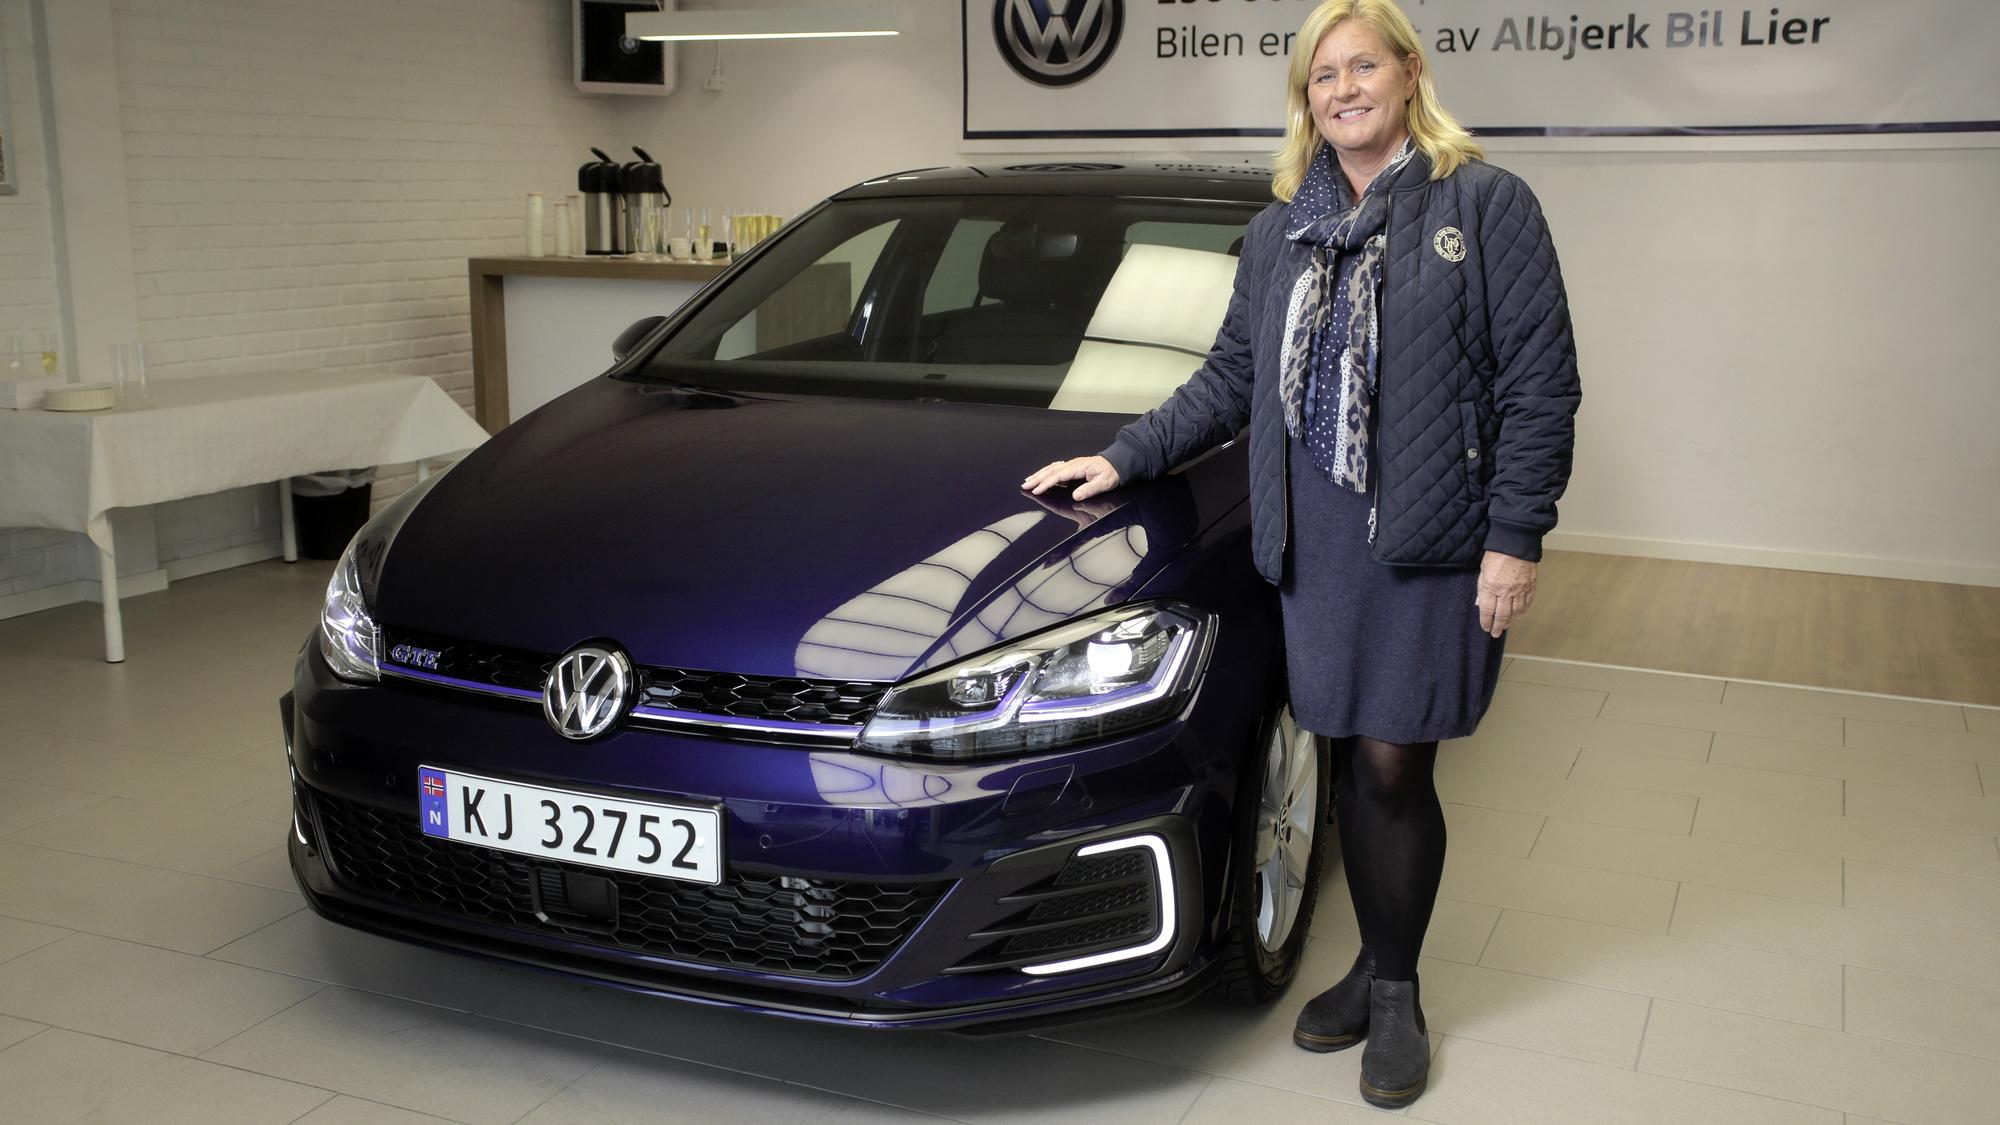 150 millionth Volkswagen delivered